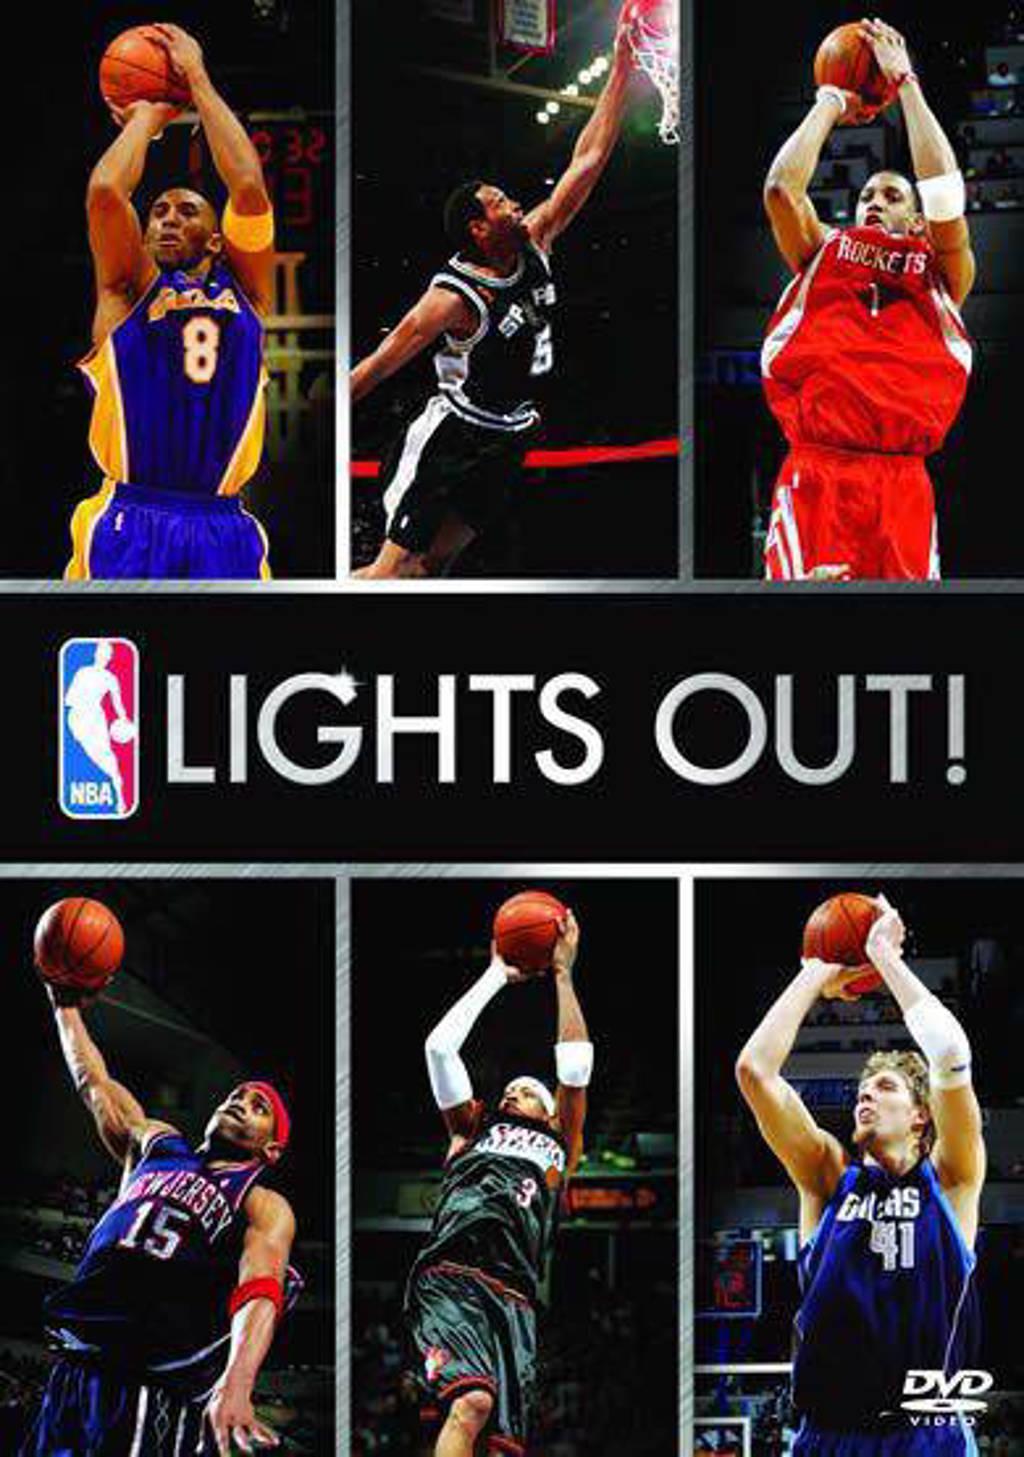 NBA - Lights Out (DVD)